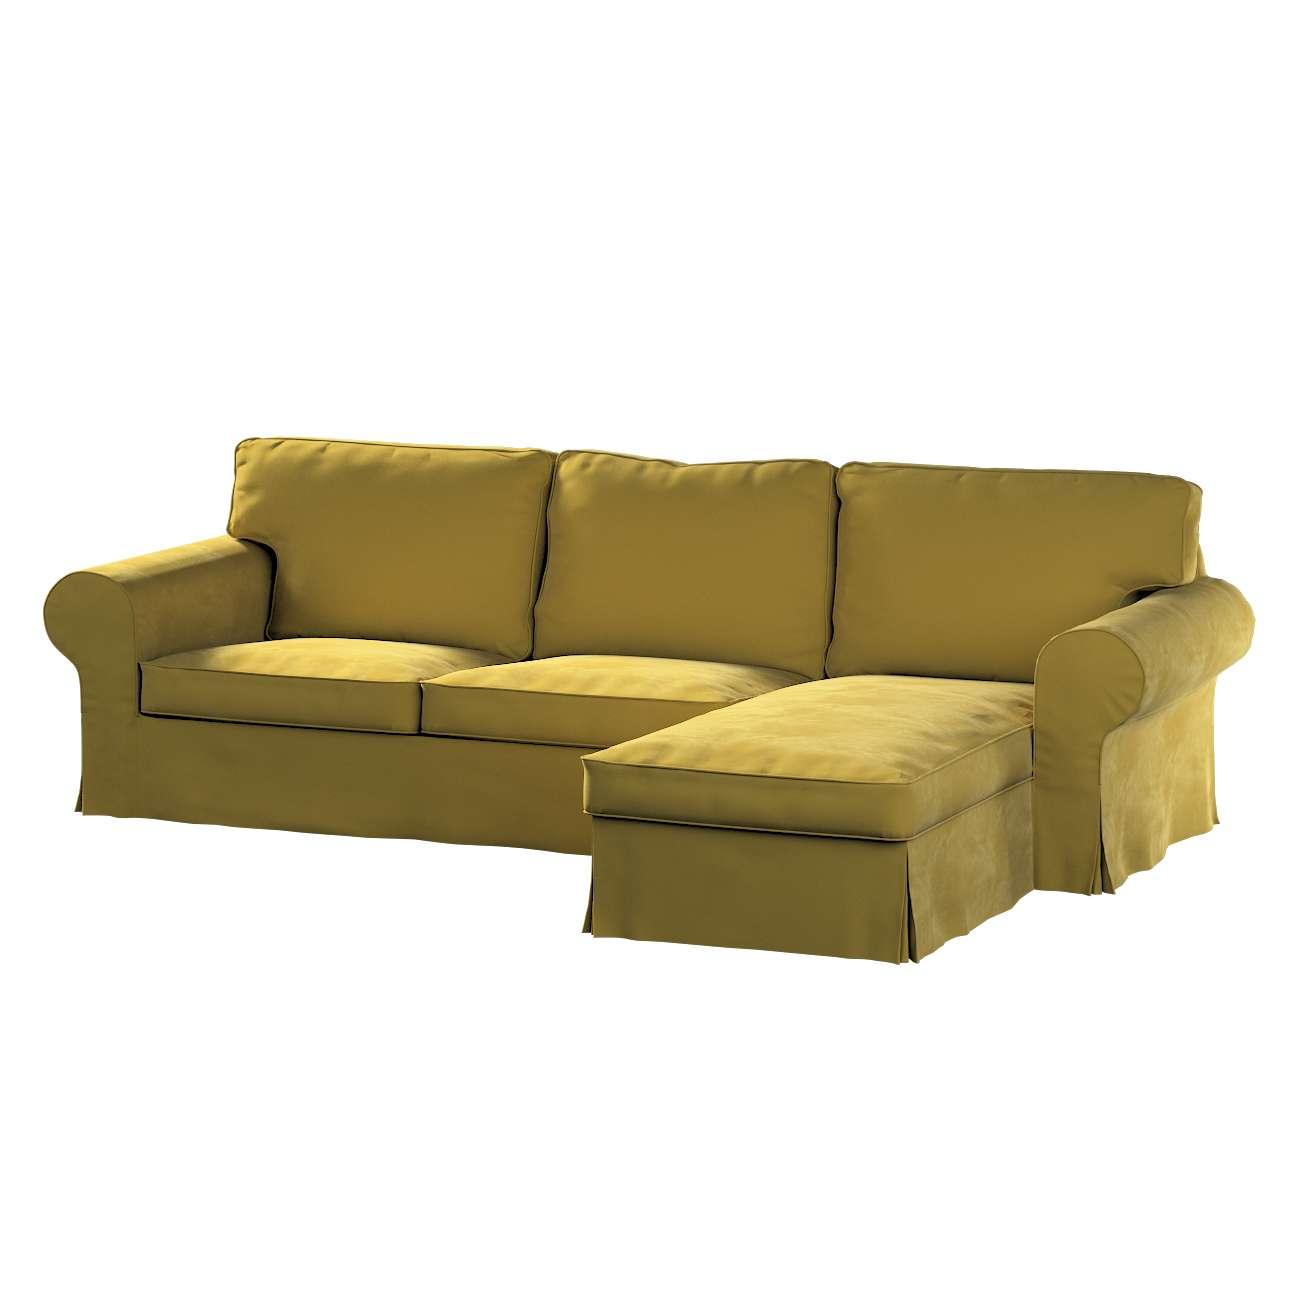 Pokrowiec na sofę Ektorp 2-osobową i leżankę w kolekcji Velvet, tkanina: 704-27